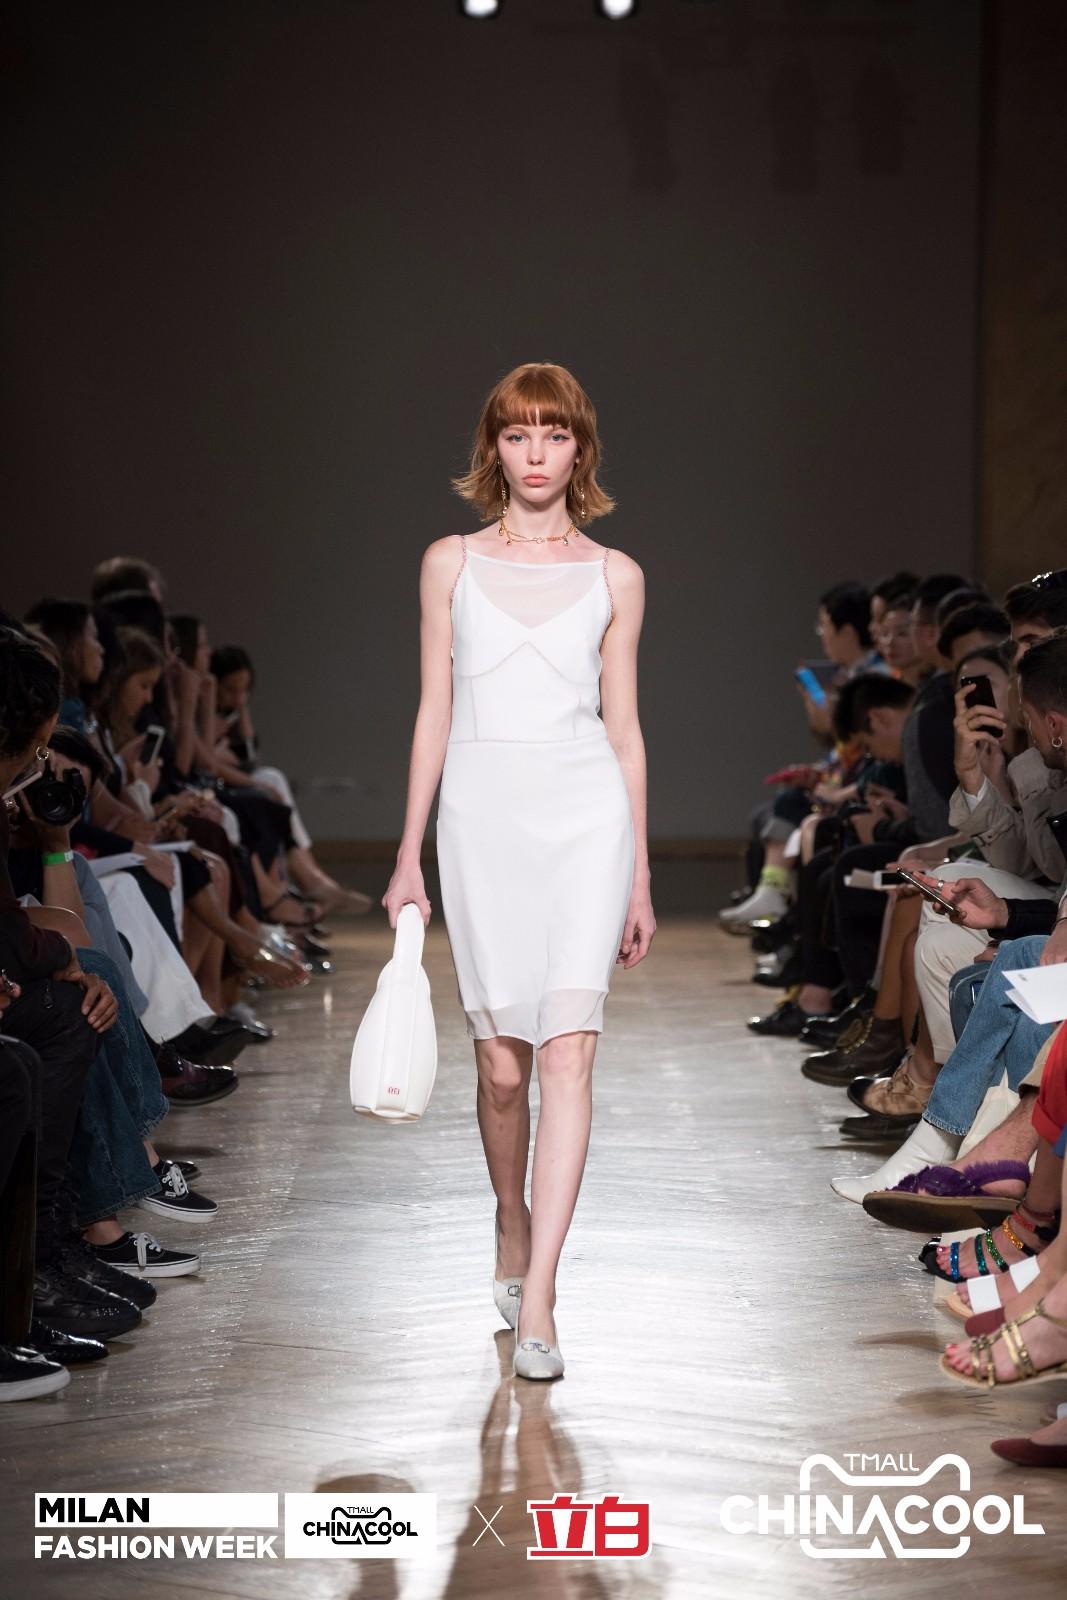 作为一个登上米兰时装周的中国衣物洗护领导品牌 立白到底是如何玩出国潮高级感的呢?